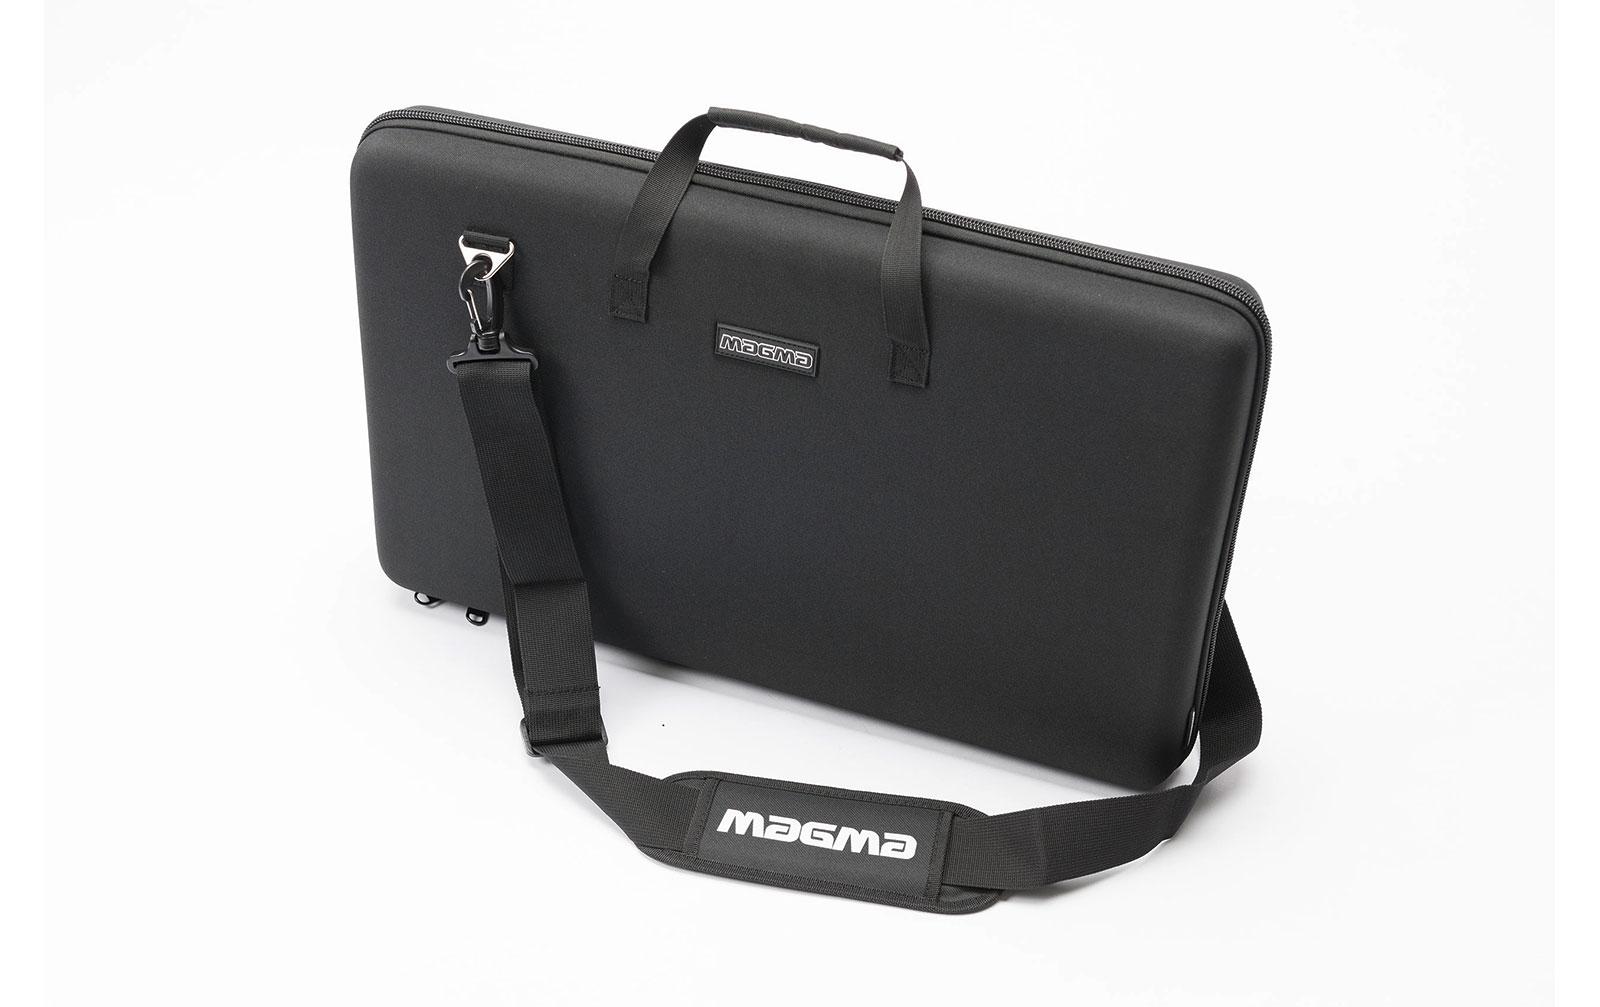 magma-ctrl-case-s4-mk3-black-black-48012-